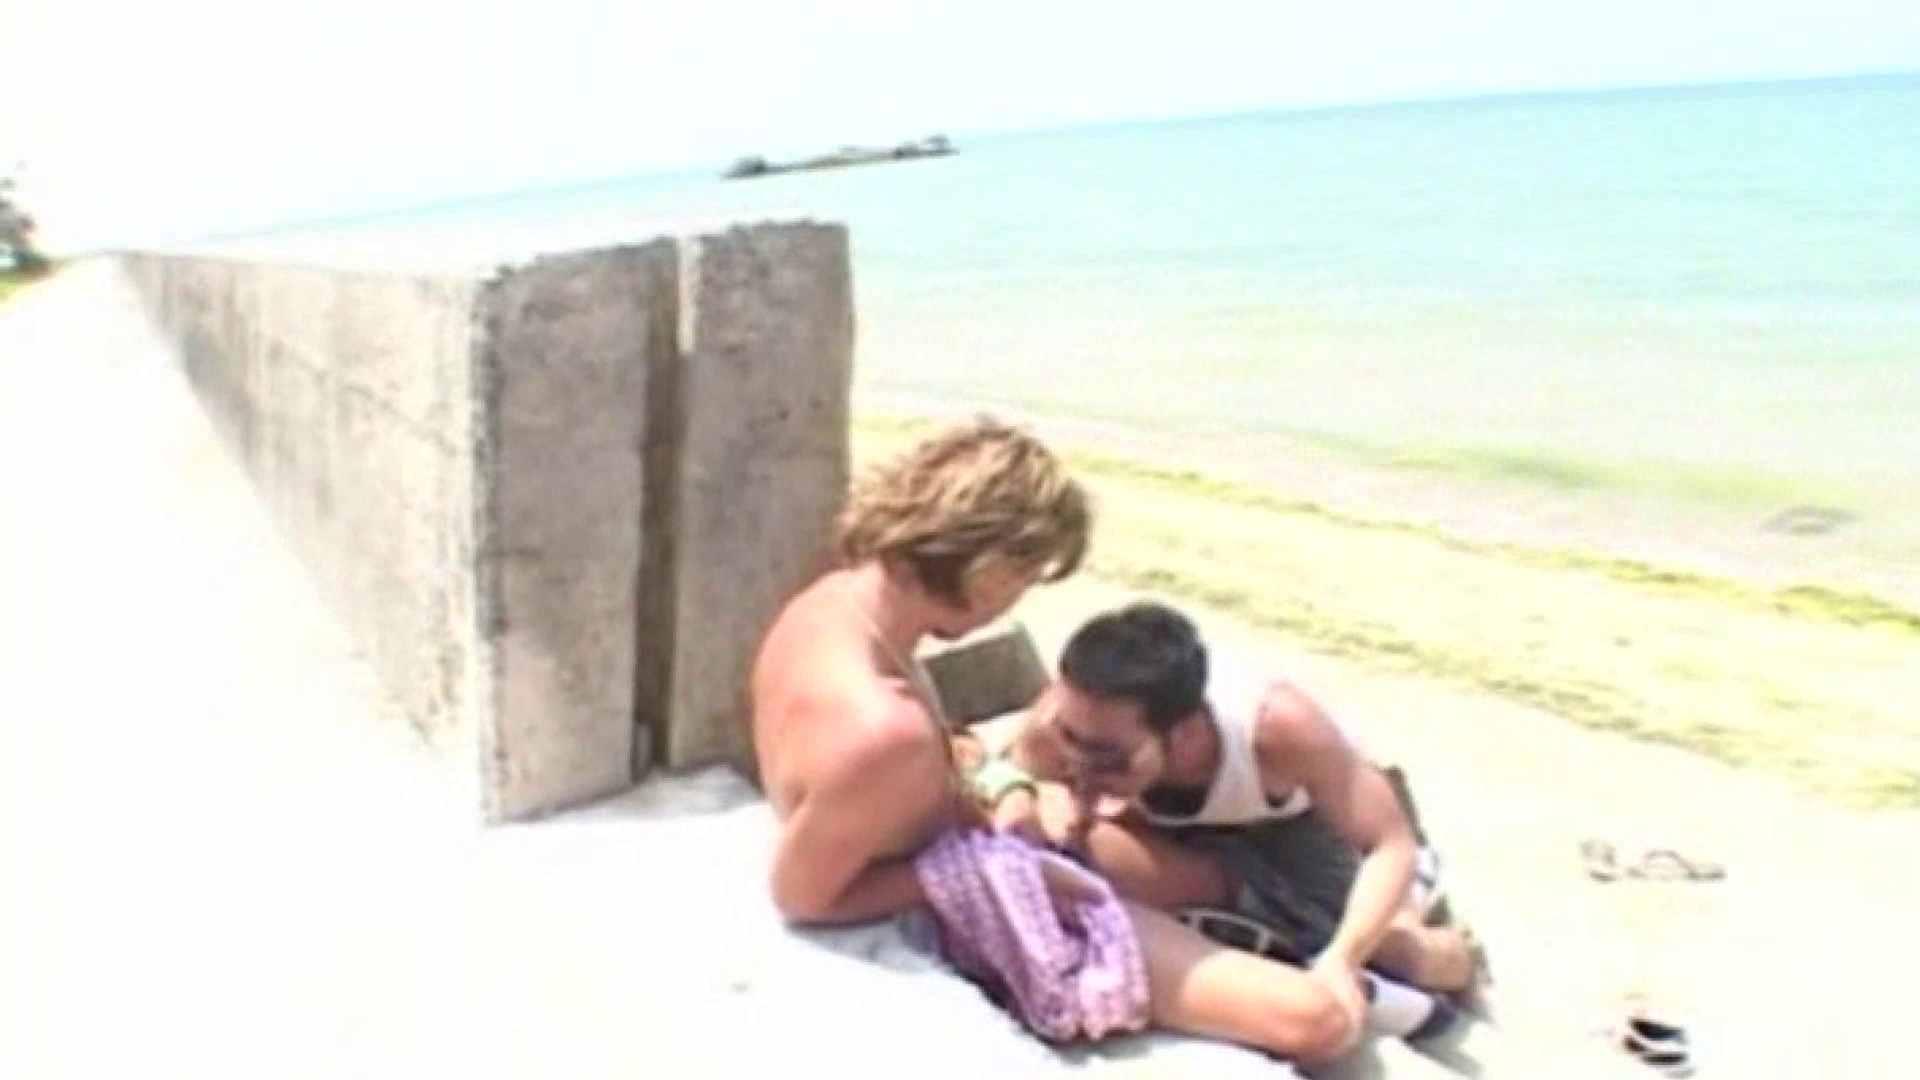 さざ波変態ロマンチック スリム美少年系ジャニ系 ゲイ丸見え画像 13画像 6